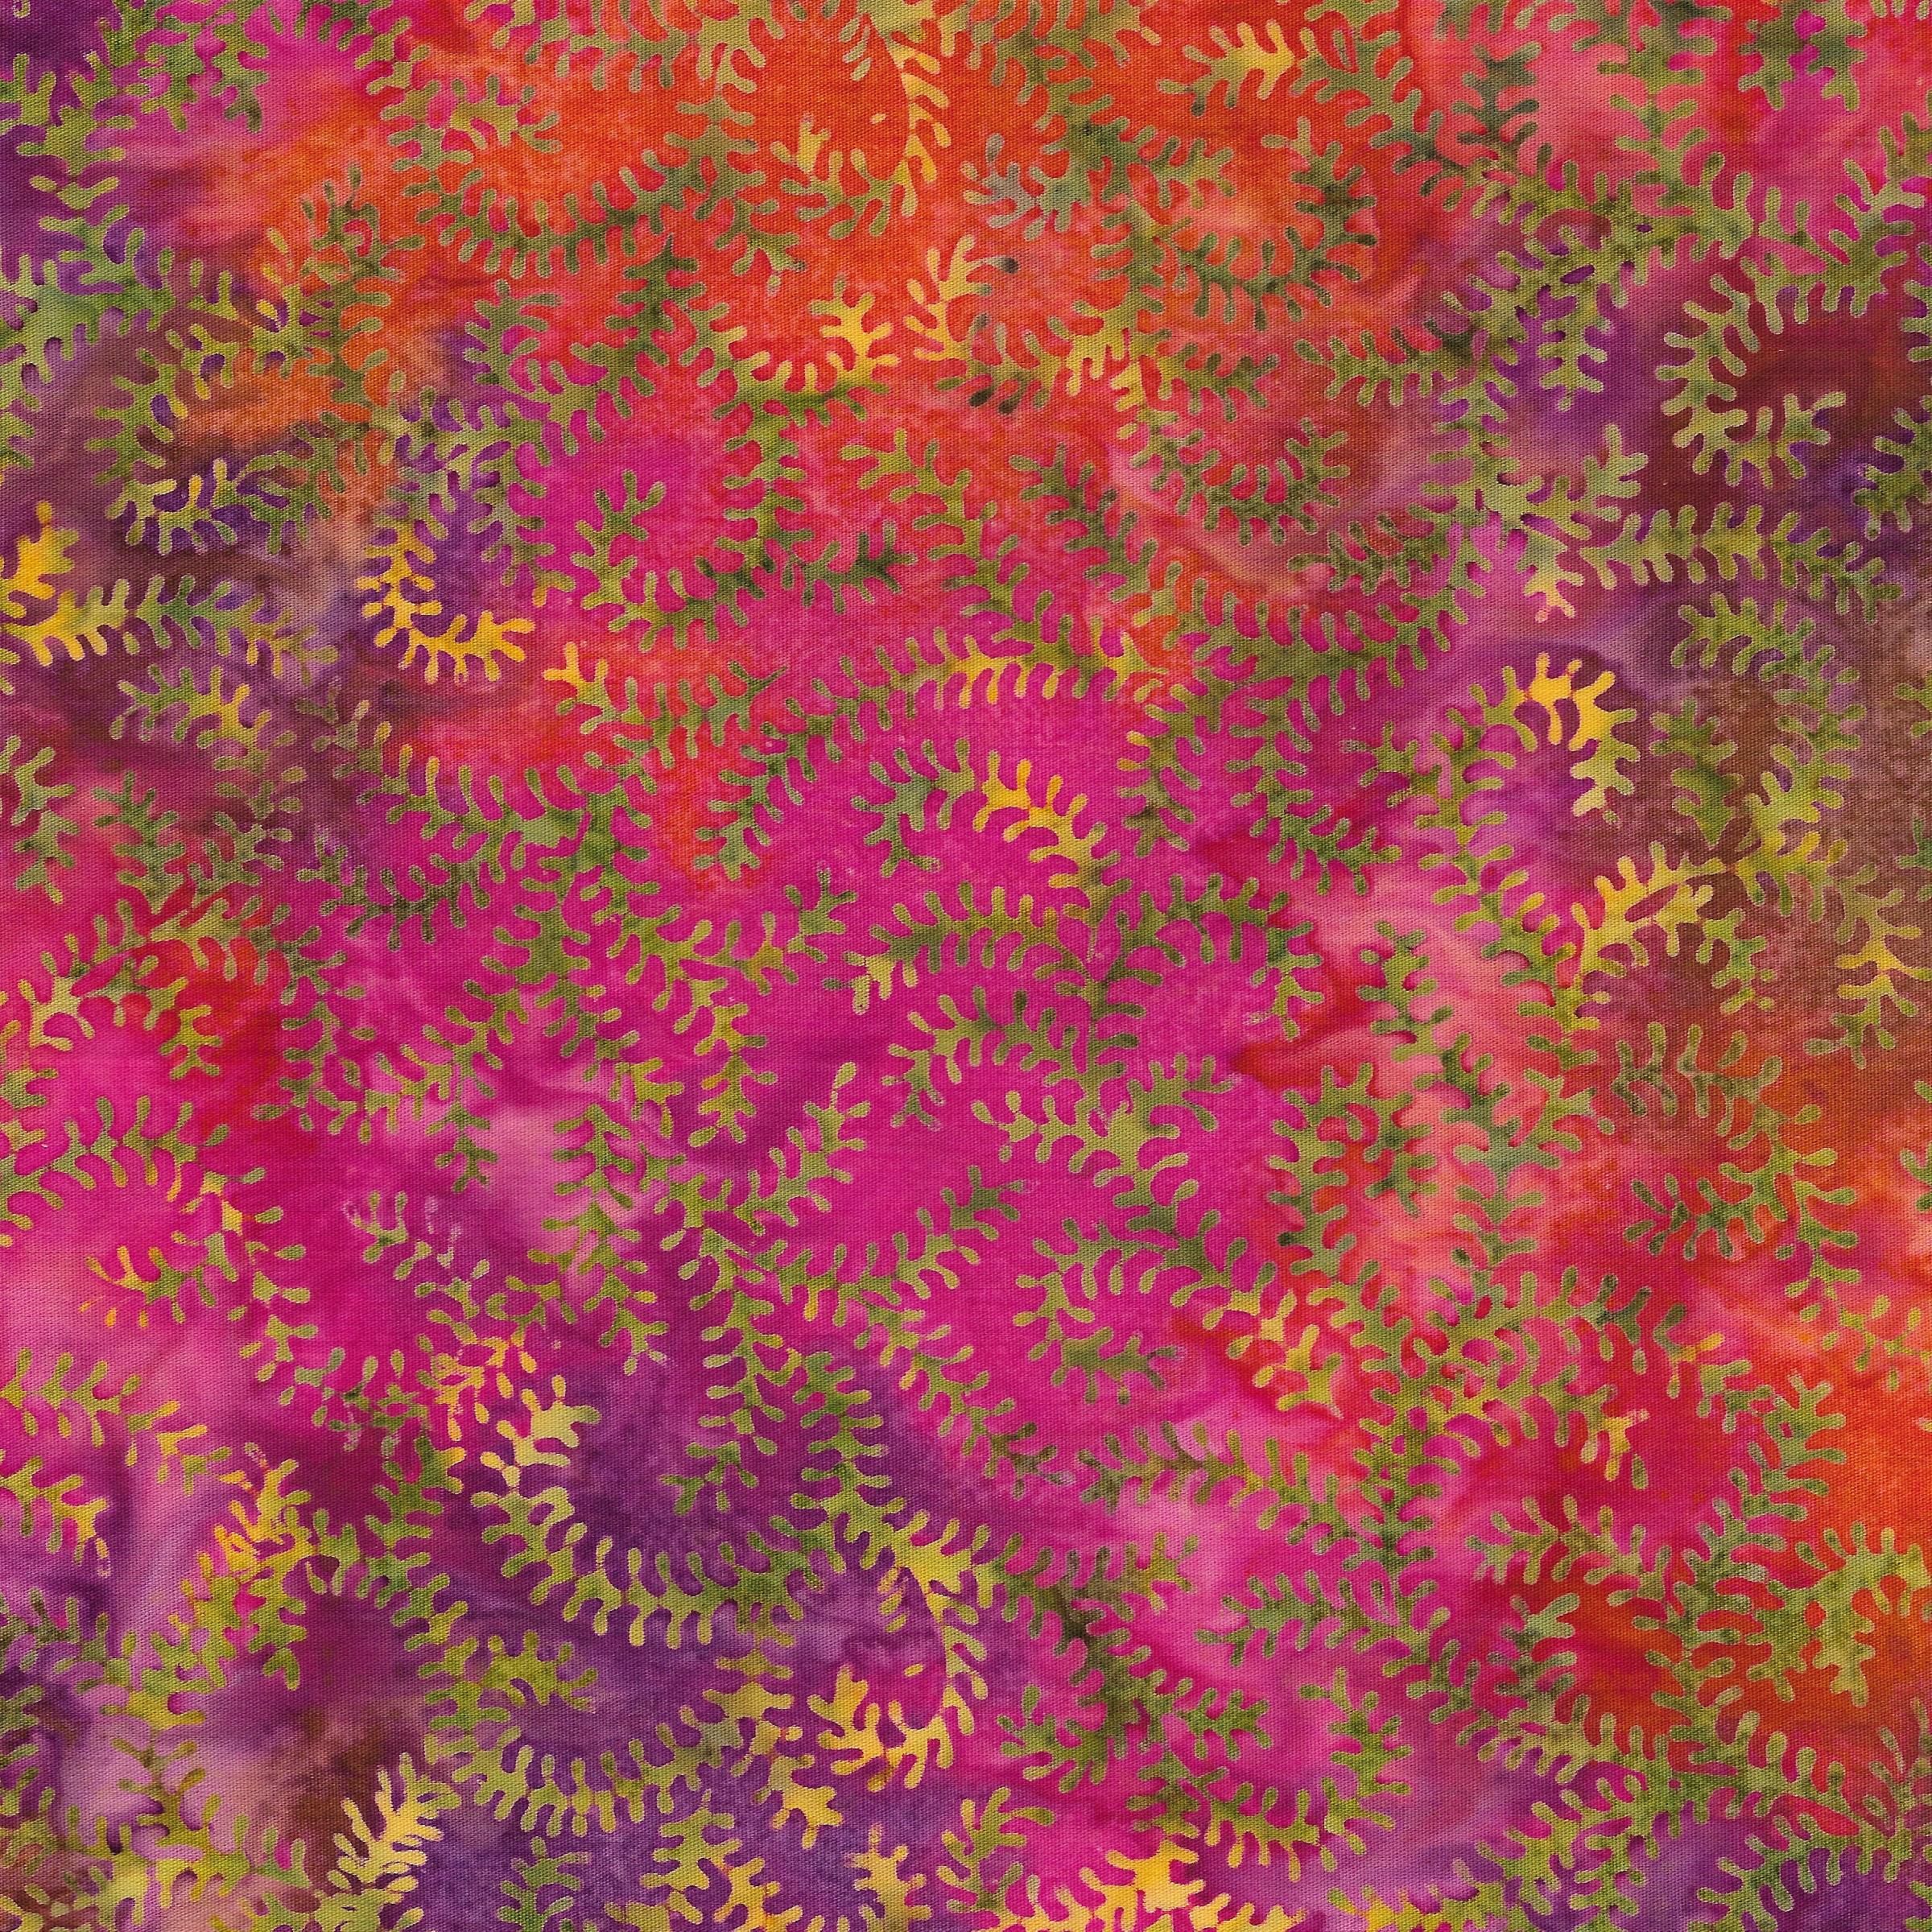 Island Batik - Leaf VIne -Tourmaline